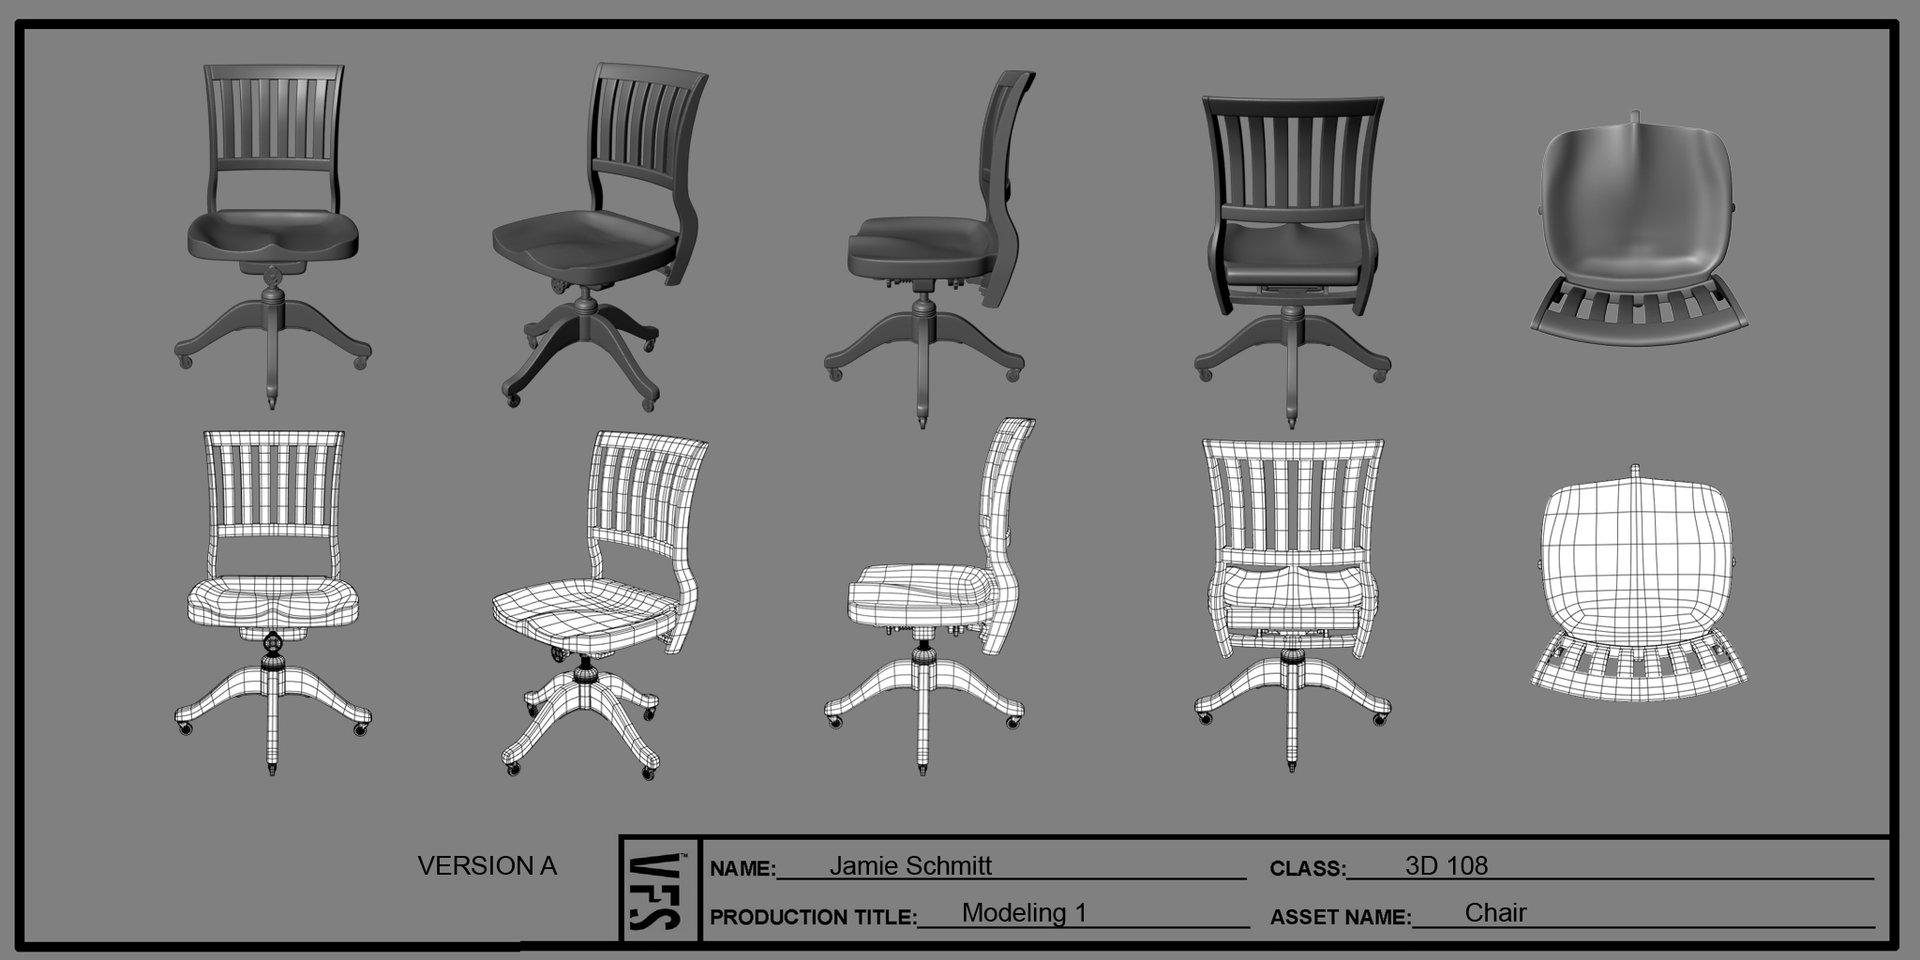 Jamie schmitt 3d108 jamieschmitt stilllife chair fin